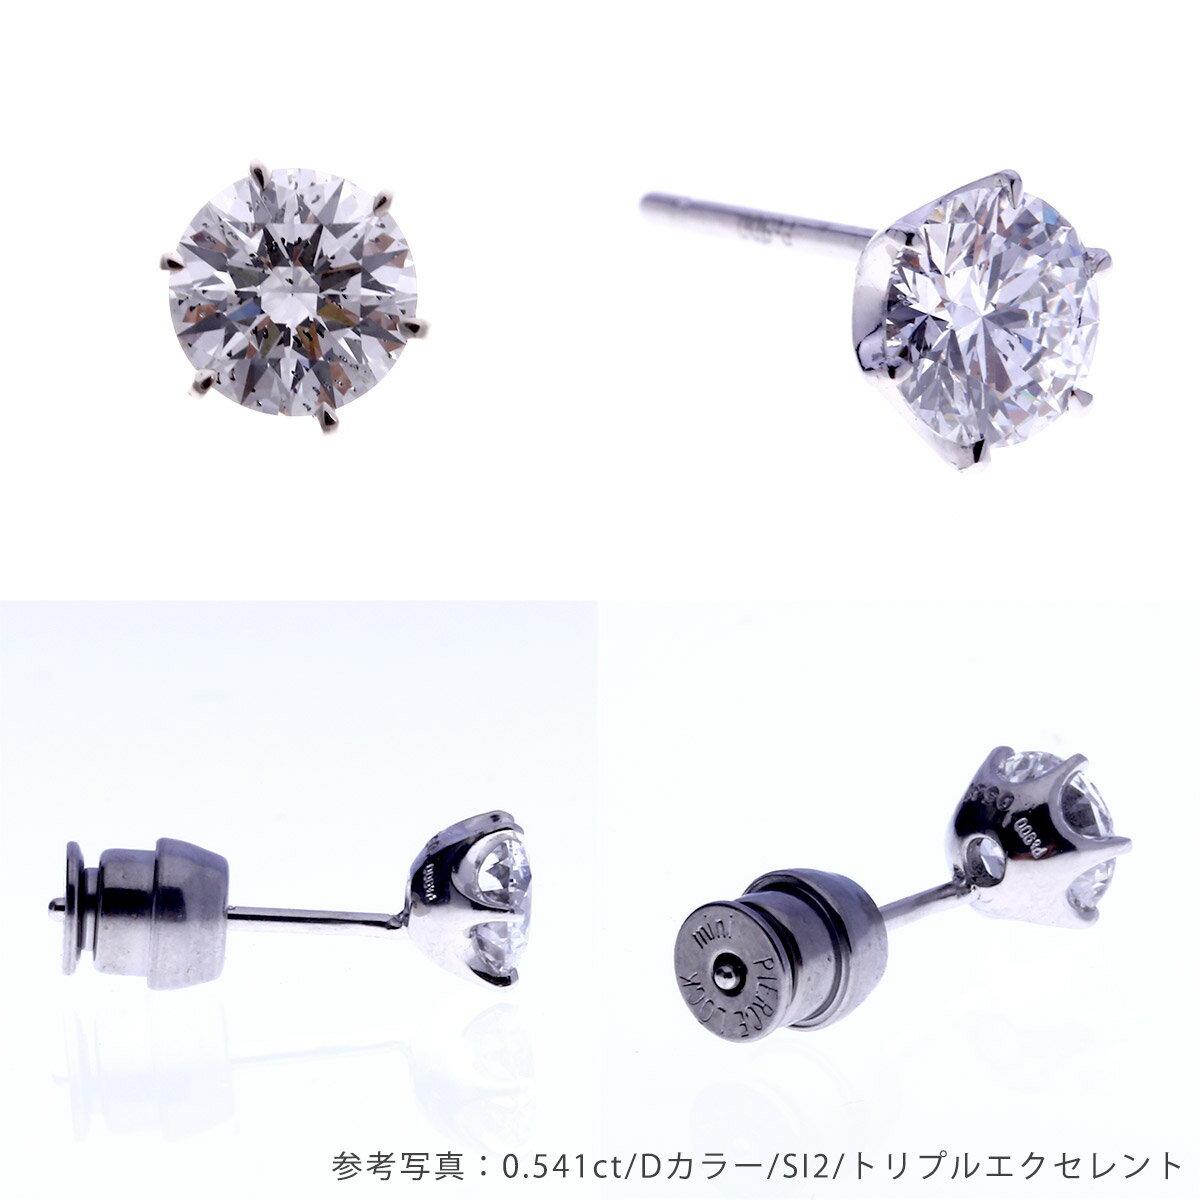 3エクセレントハート&キューピッド/H/VVS1/0.2 カラット 以上ルースストーン(裸石)【Loose stones】ダイヤモンドピアス Pt900